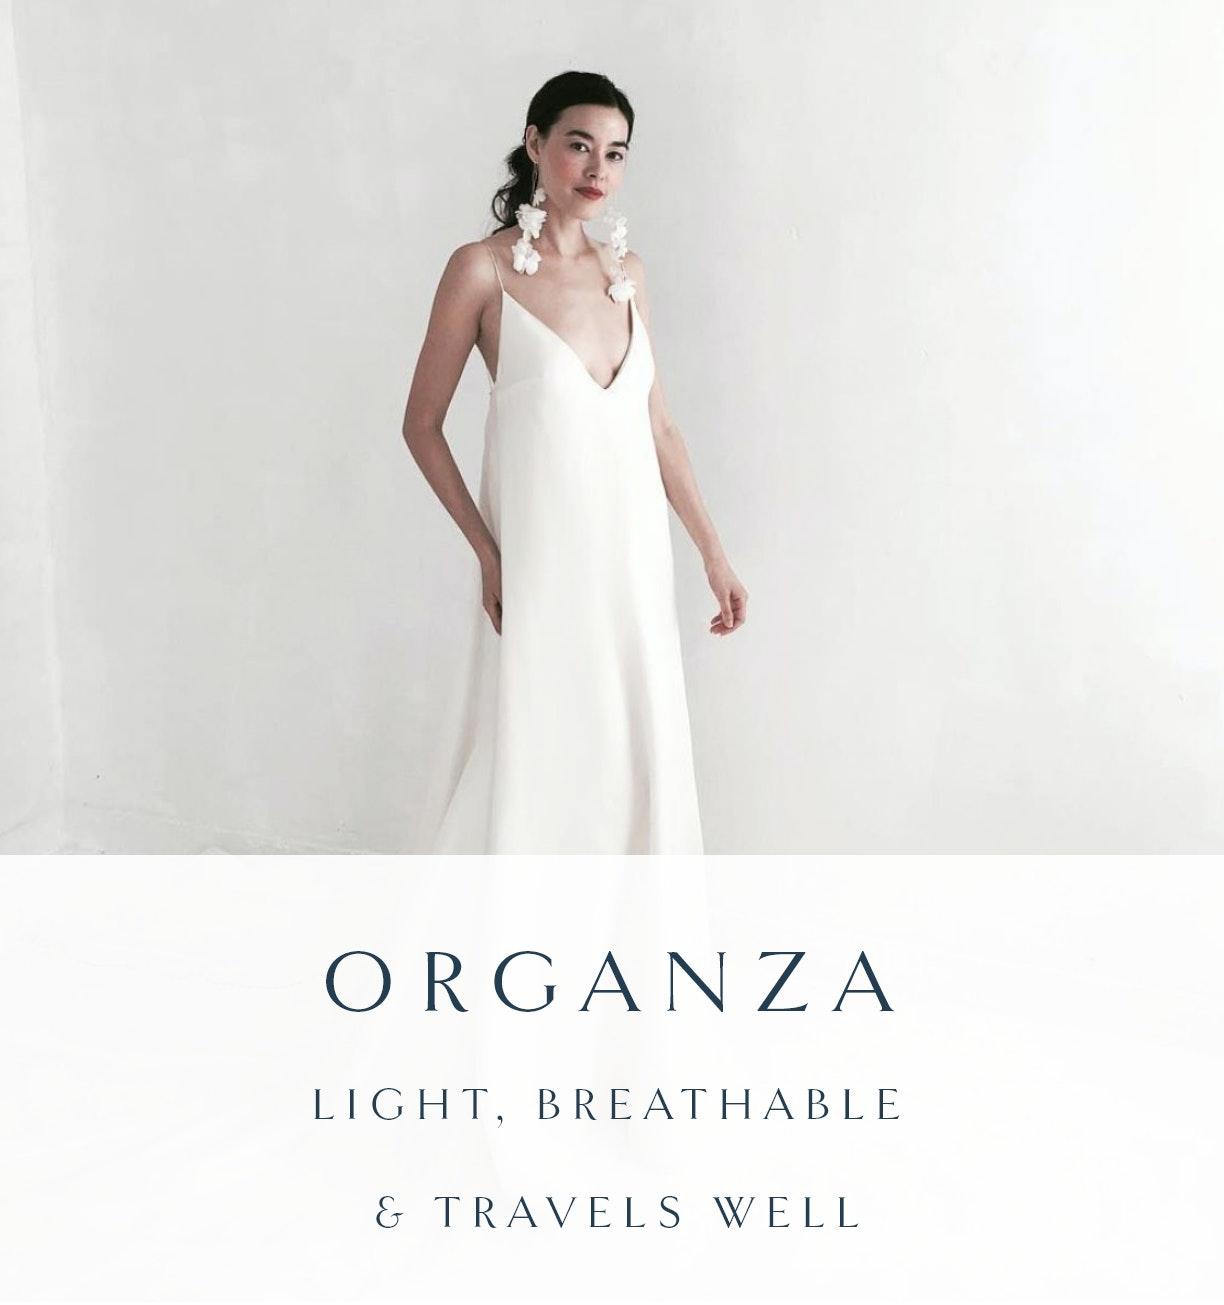 organza wedding dress fabric